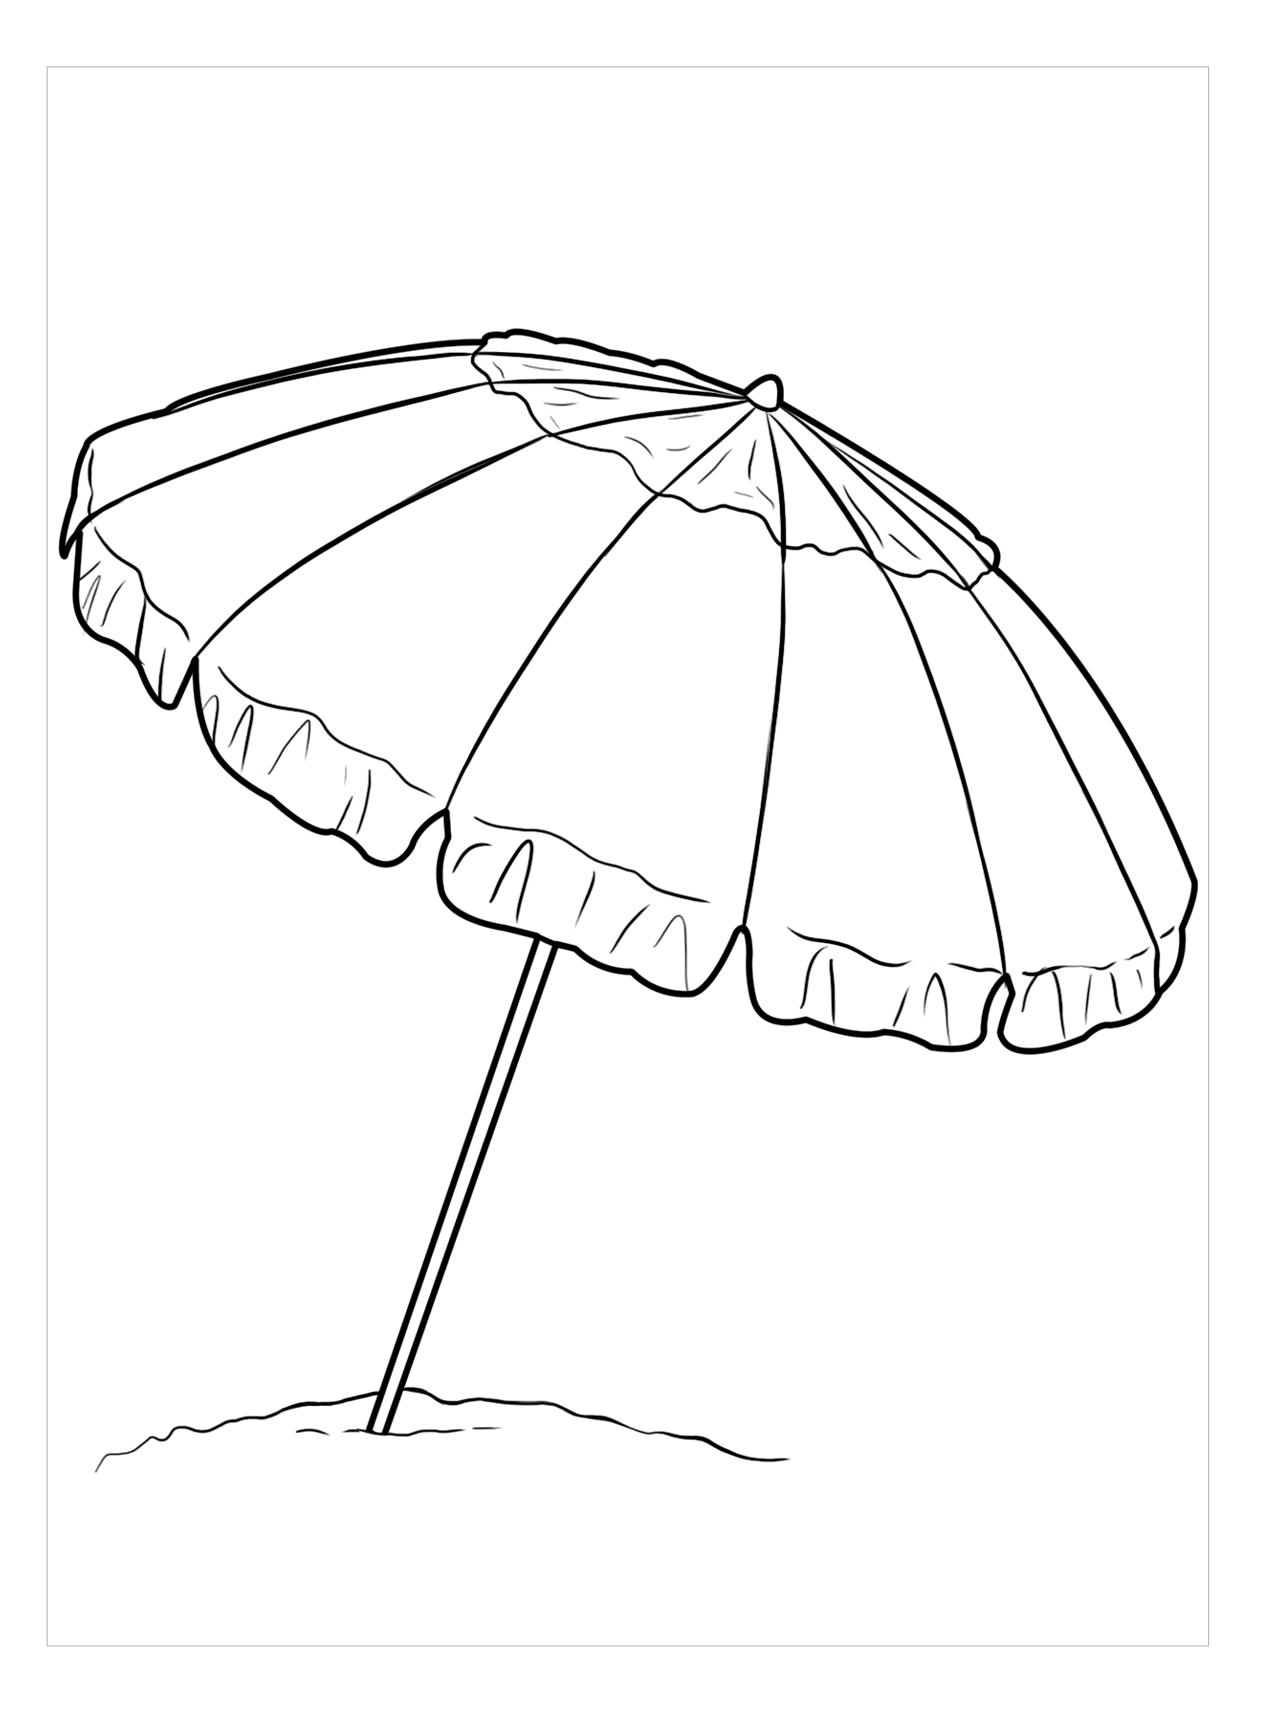 Tranh tô màu chiếc ô bãi biển